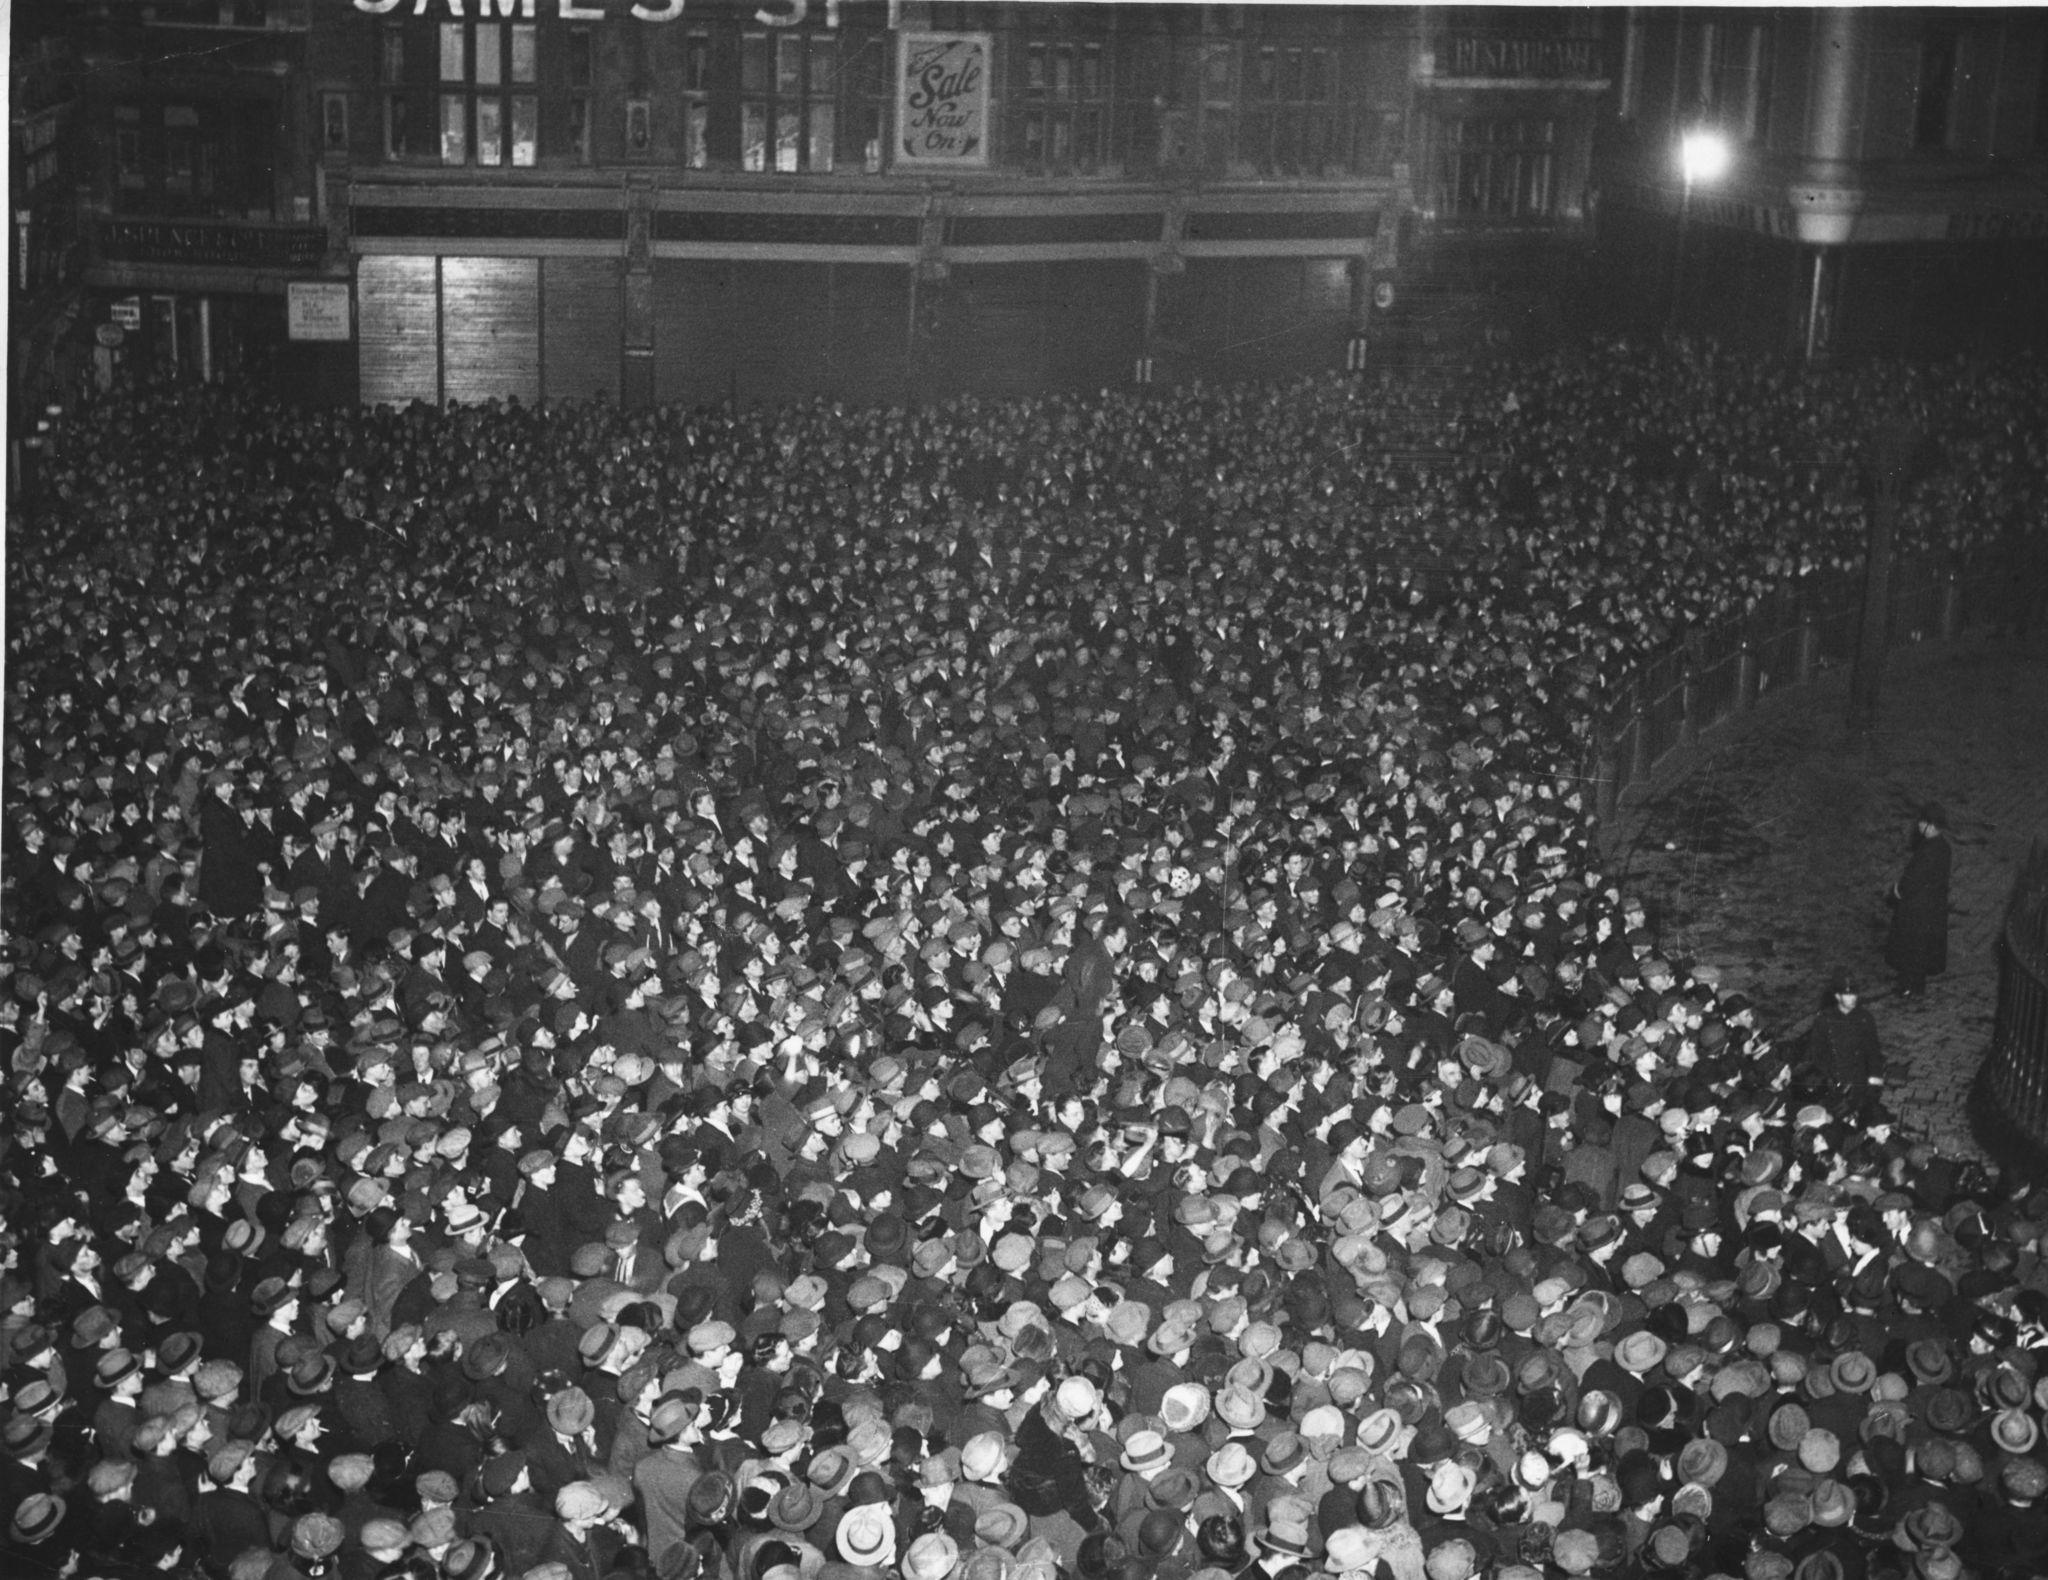 1924. Толпа людей возле собора Святого Павла в Лондоне празднует Новый год.jpg